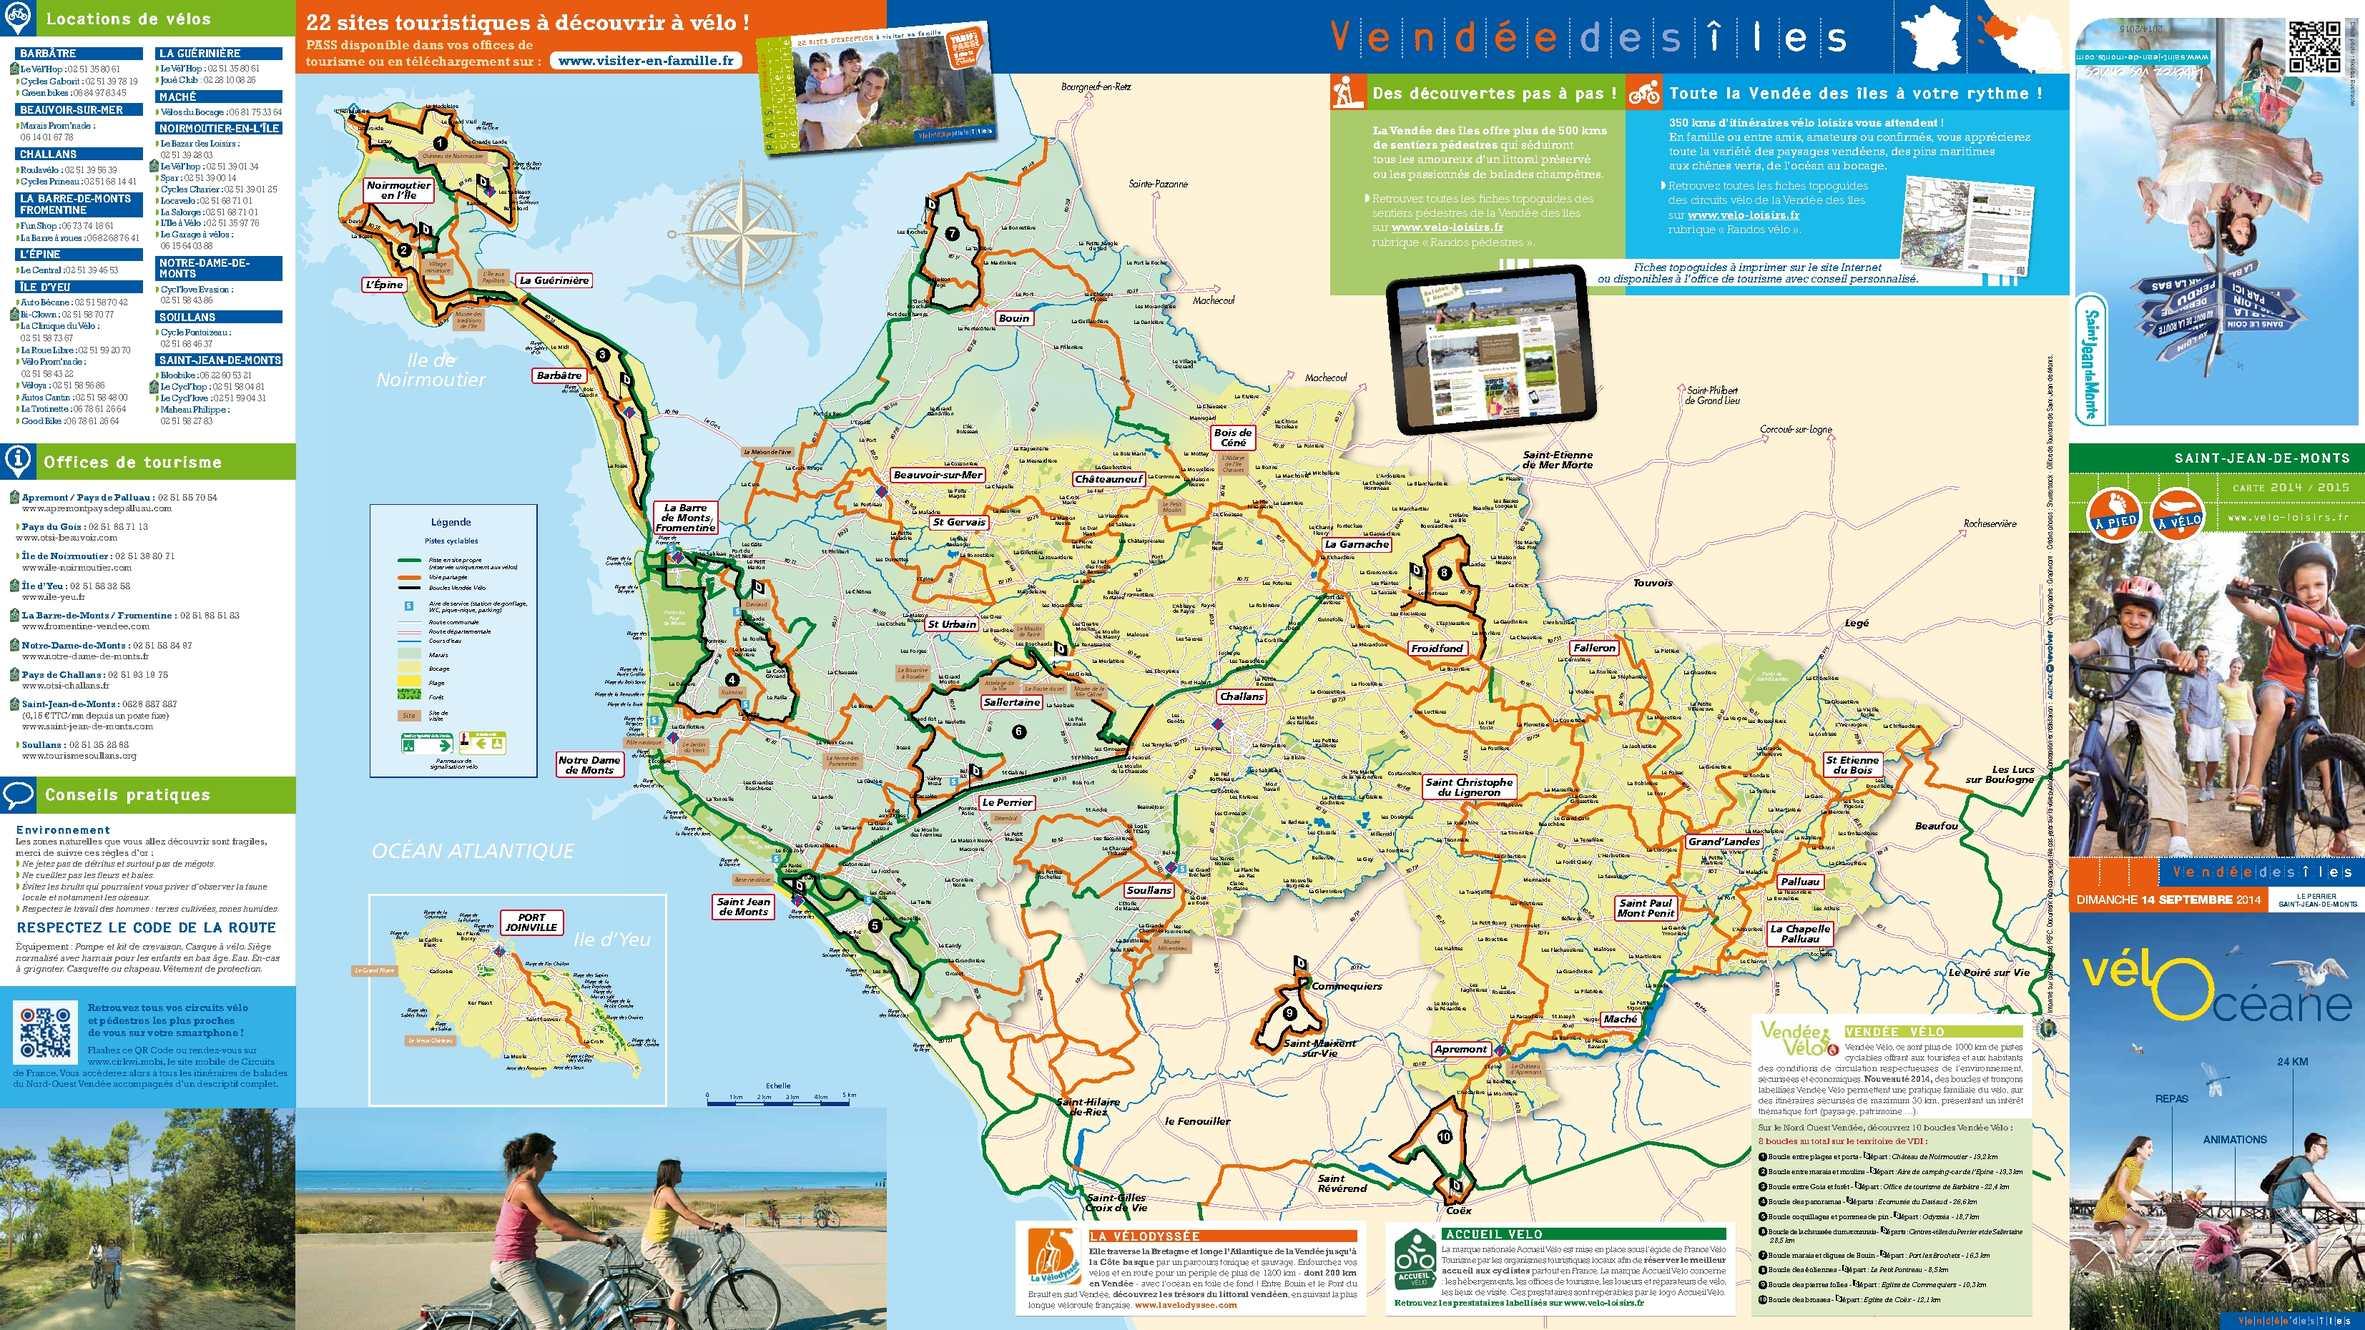 Calam o carte des pistes cyclables nord ouest vend e - Office de tourisme de st jean de monts ...